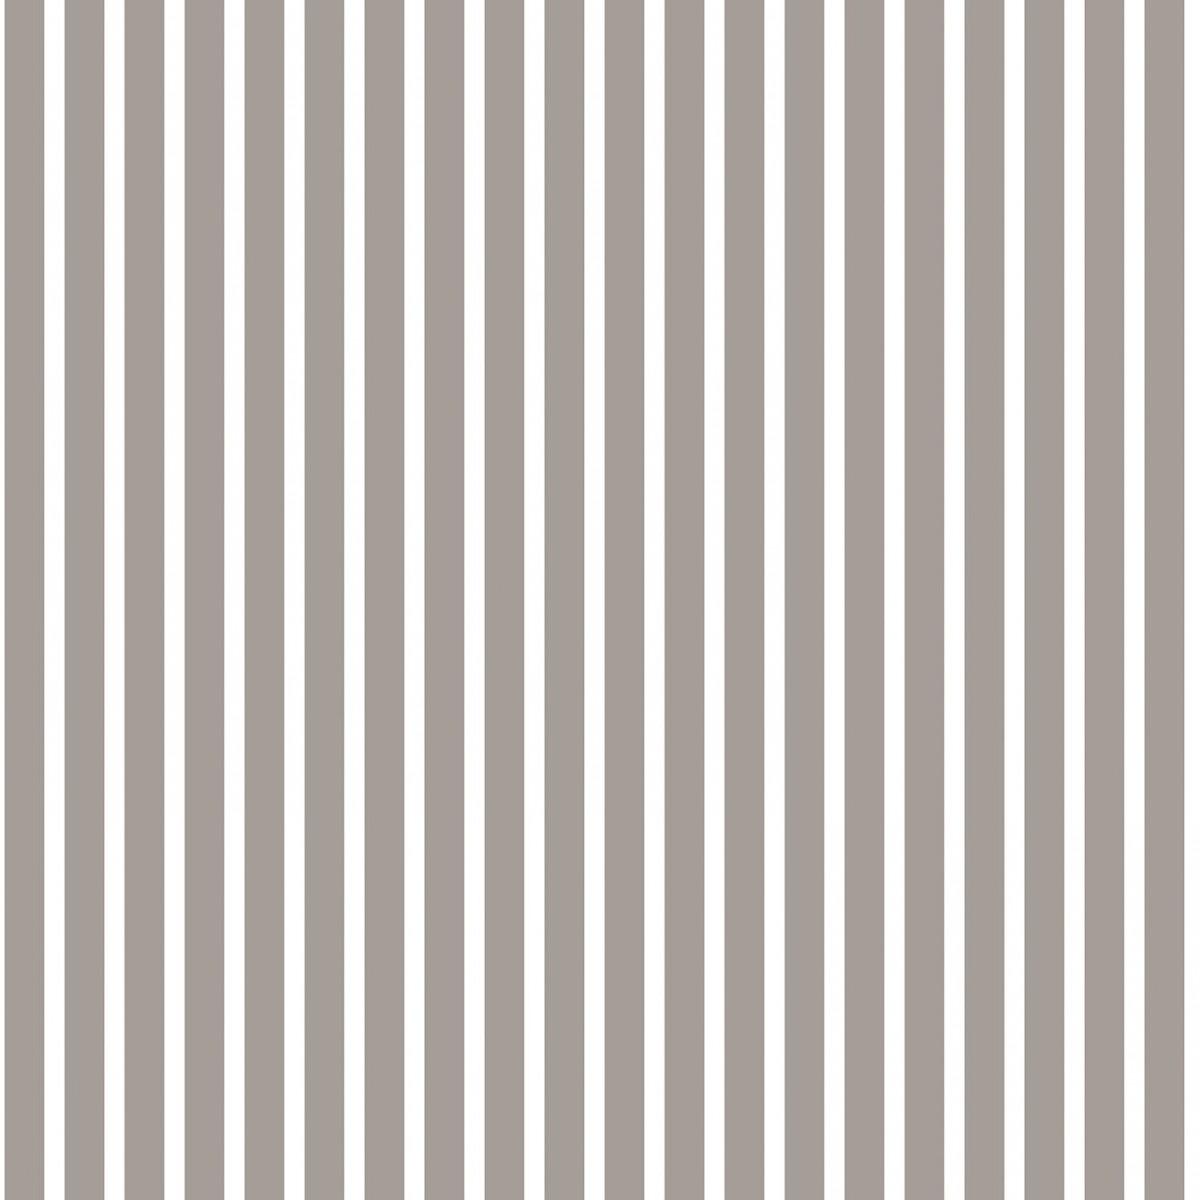 Tapet - Små striber i mørk grå